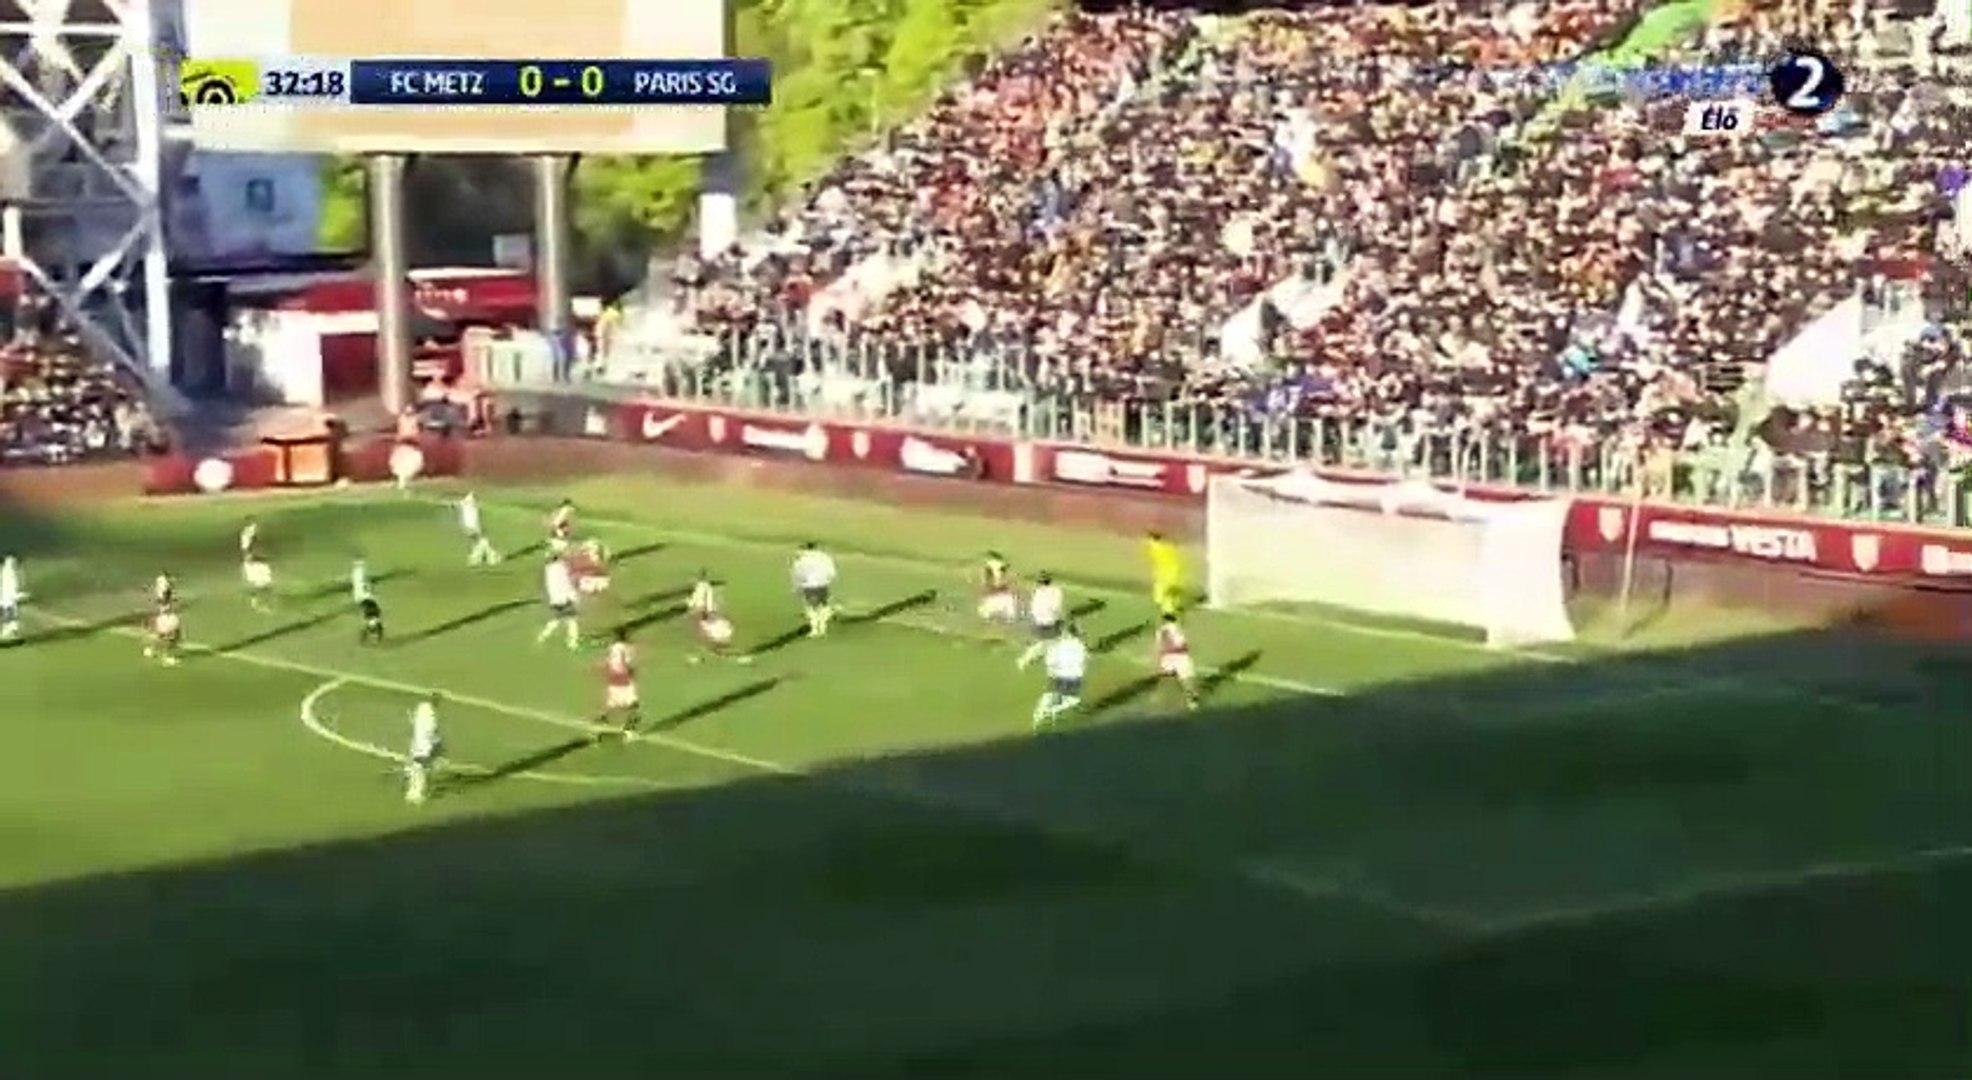 Metz vs PSG 2-3 All Goals & Highlights HD 18.04.2017 - video Dailymotion